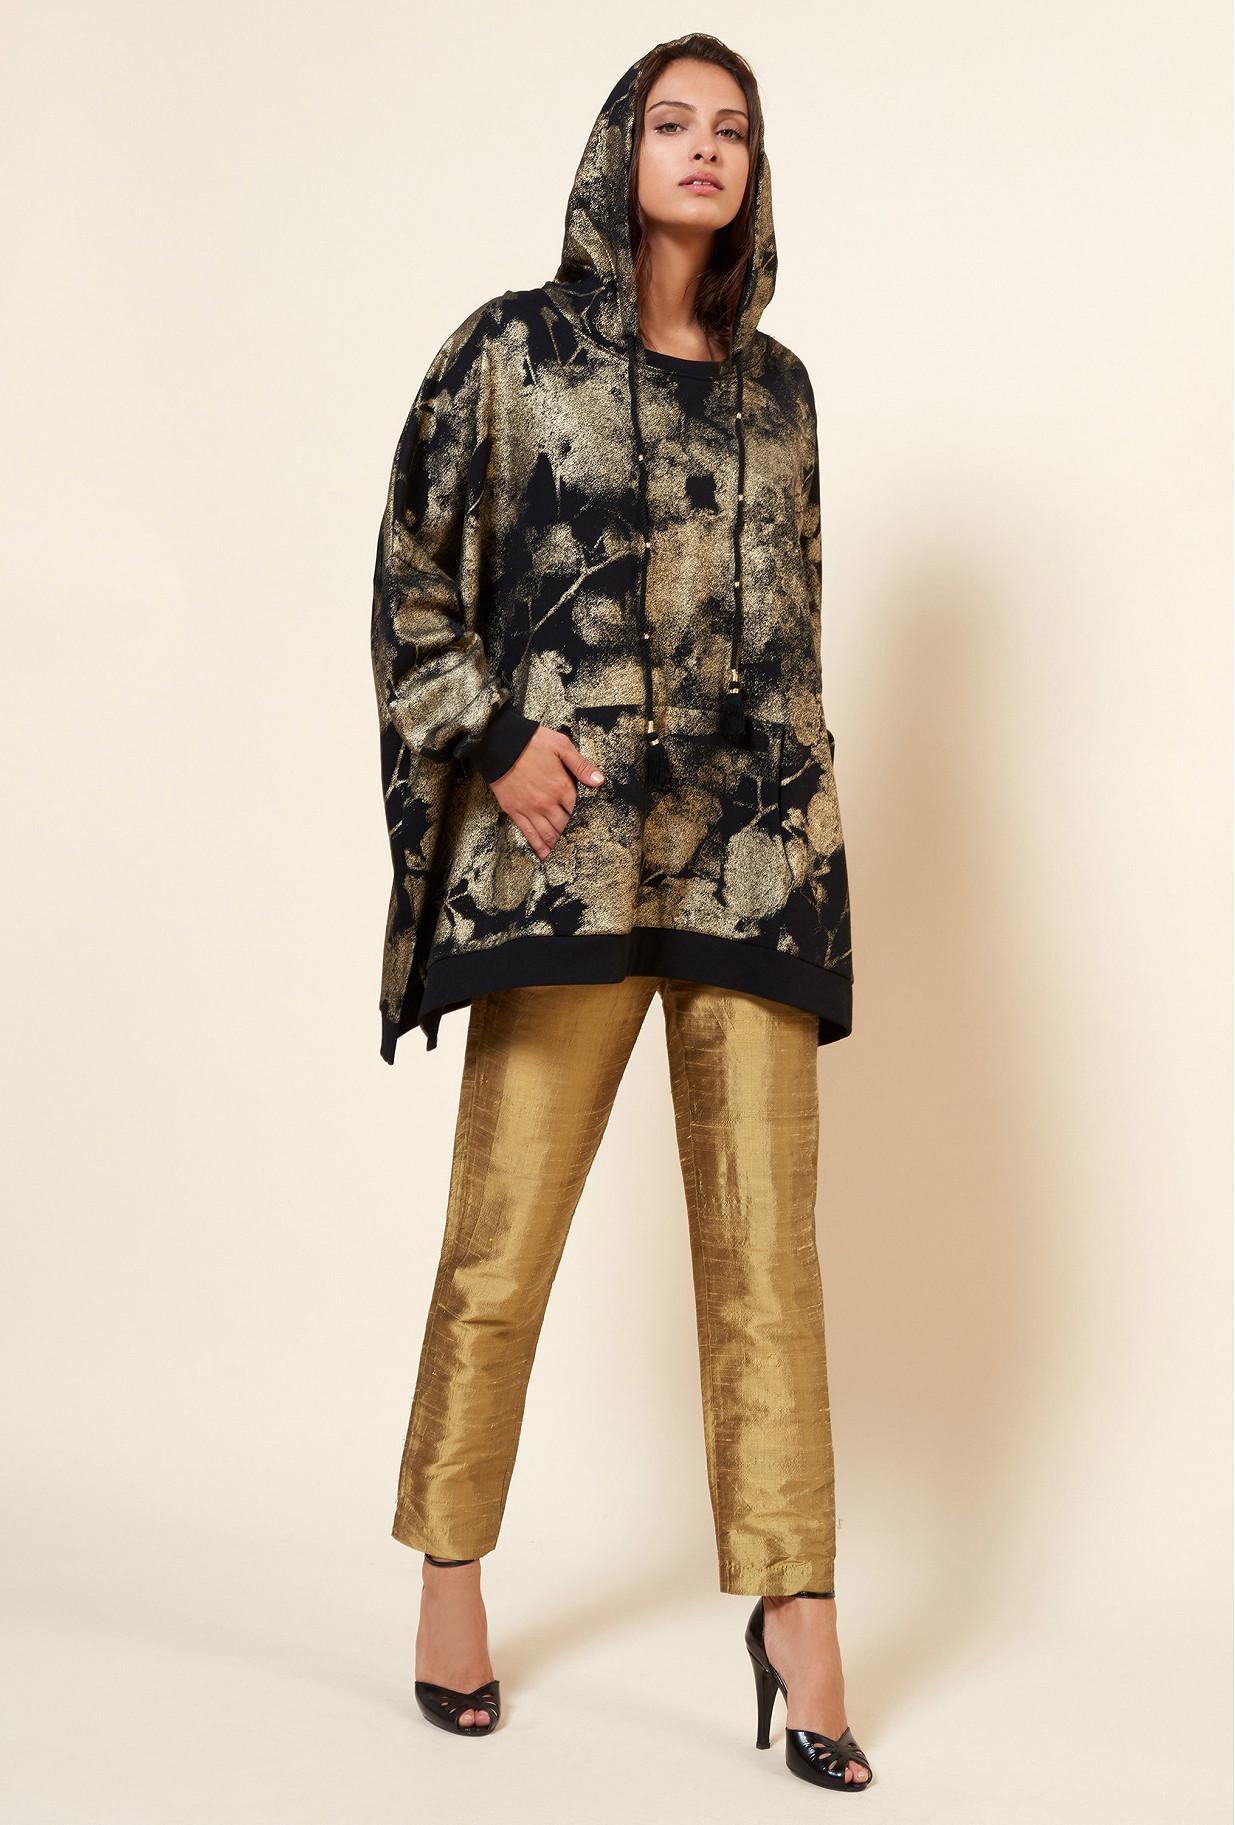 Paris boutique de mode vêtement Pull créateur bohème  Sparrow